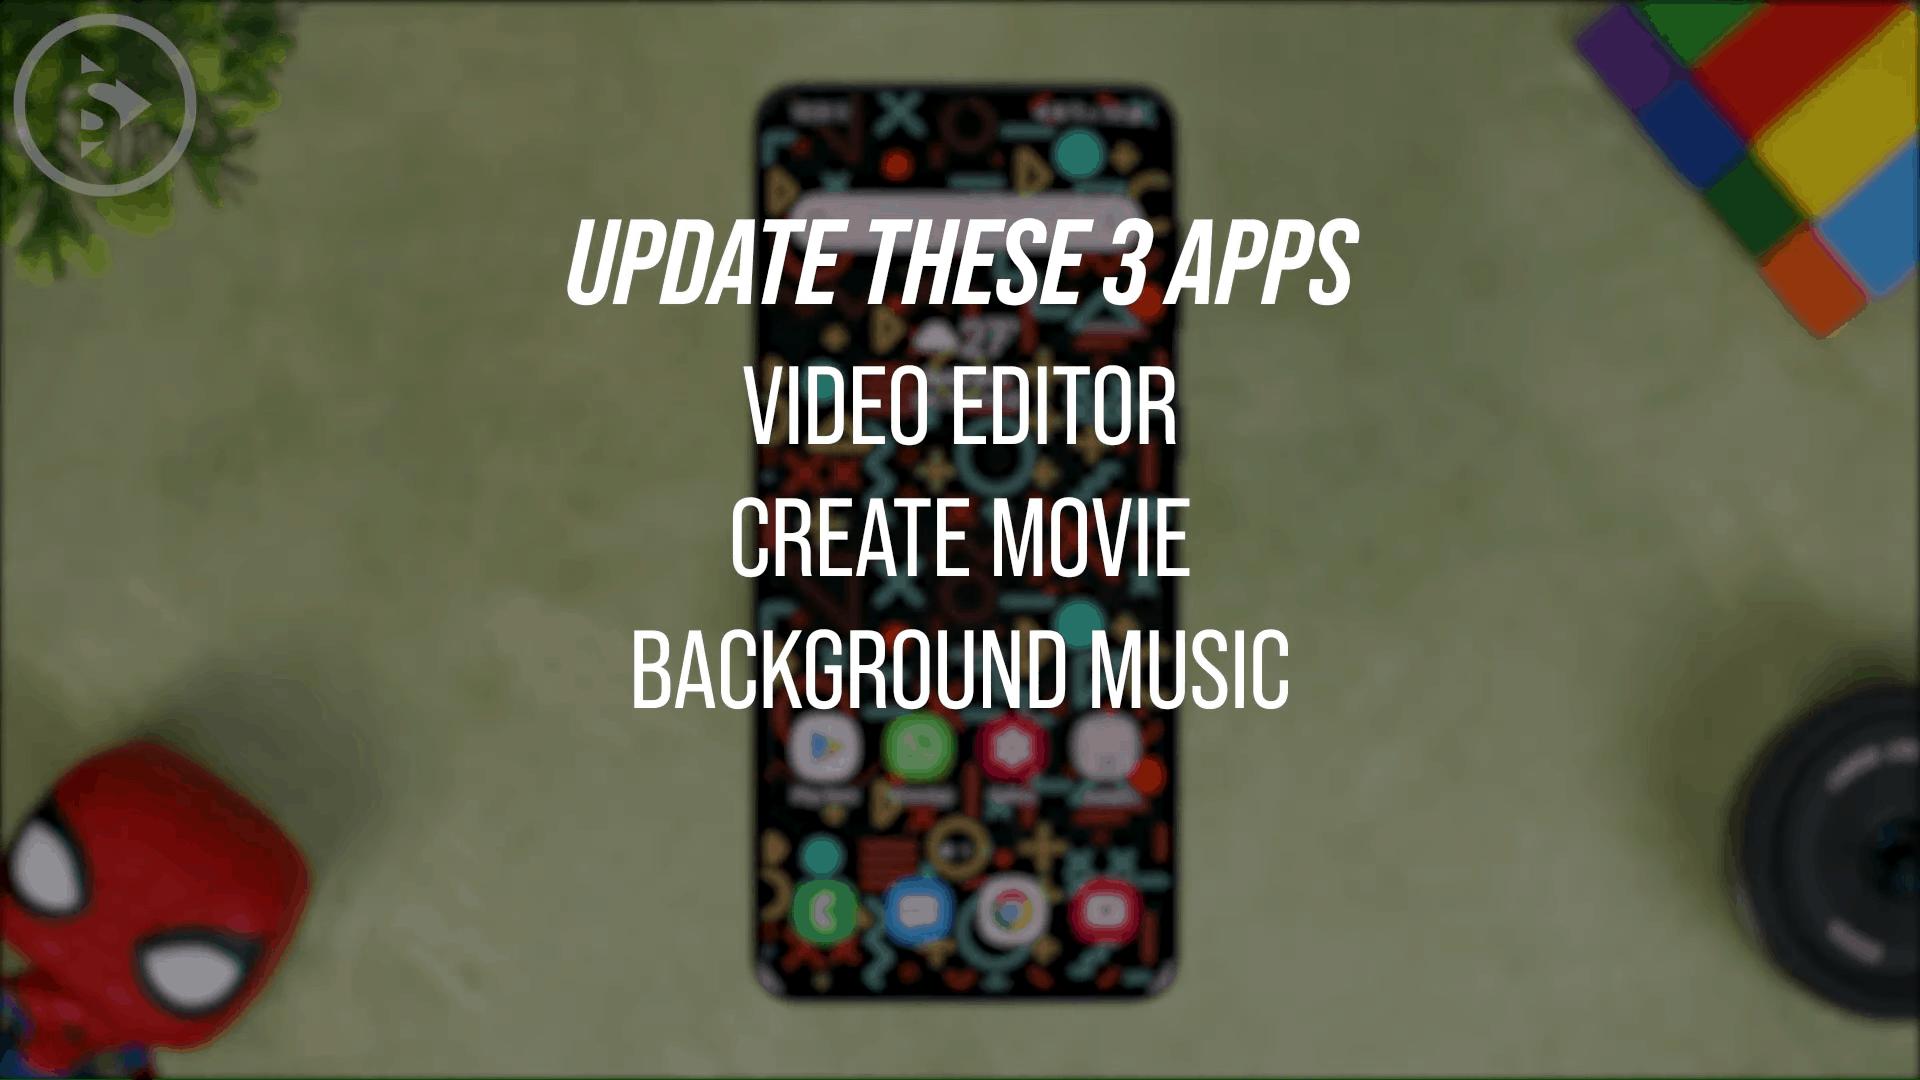 Update Aplikasi Video Editor, Create Movie, dan Background Music - 4 Fitur Terbaru Untuk Edit Foto dan Video di Berbagai Versi One UI Tanpa Perlu Aplikasi Pihak Ketiga